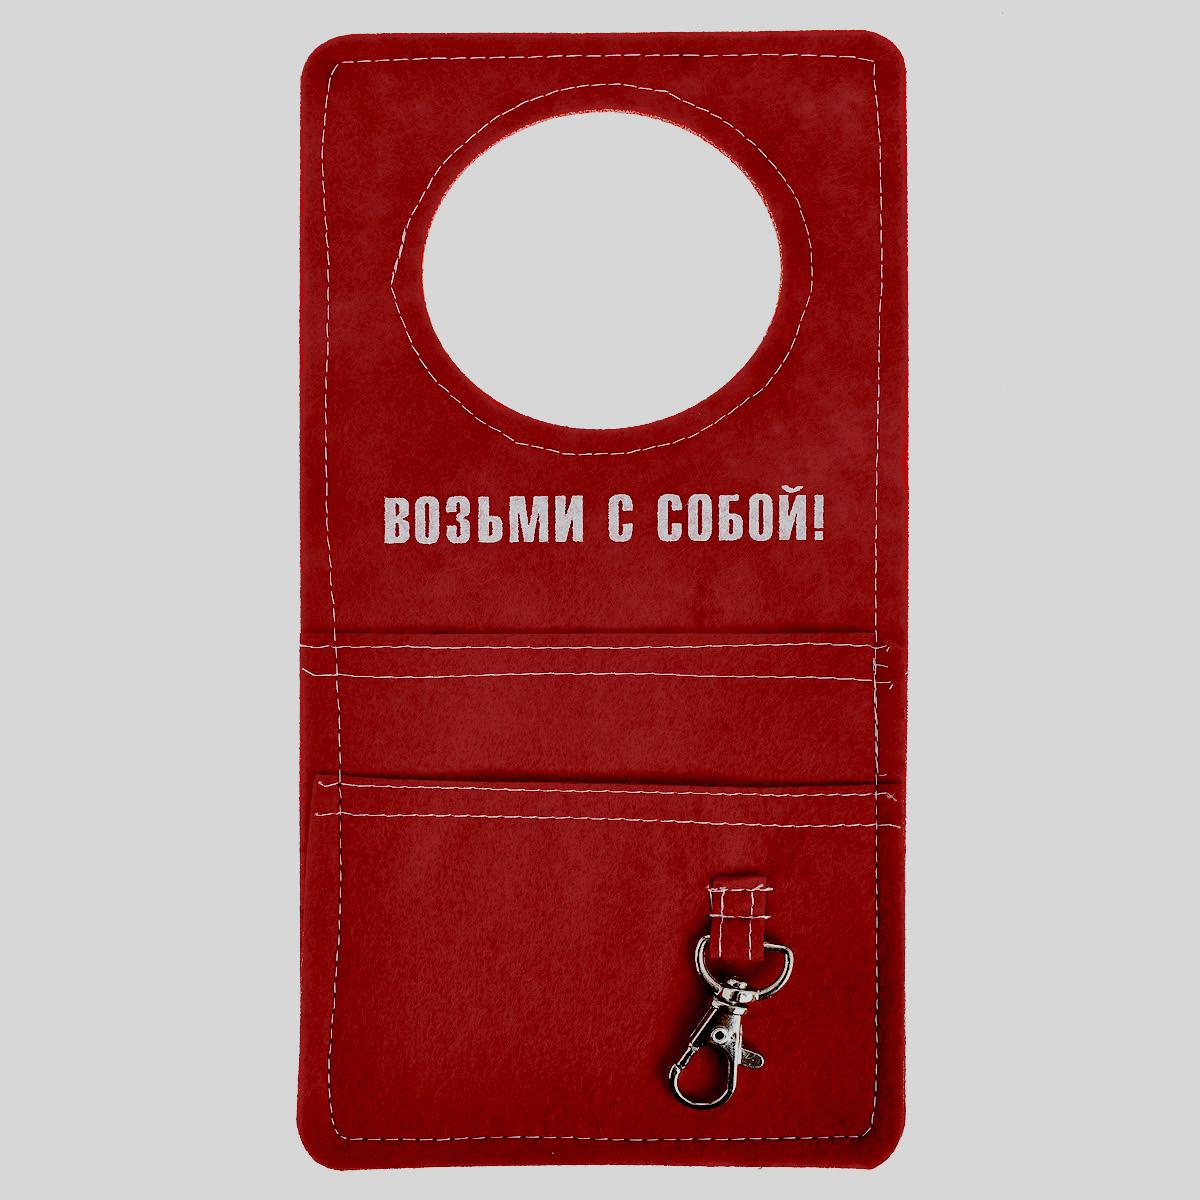 """Ярлык на дверную ручку Феникс-презент """"Возьми с собой!"""", с карманами и карабином, цвет: красный, 25 см х 12 см х 0,3 см"""